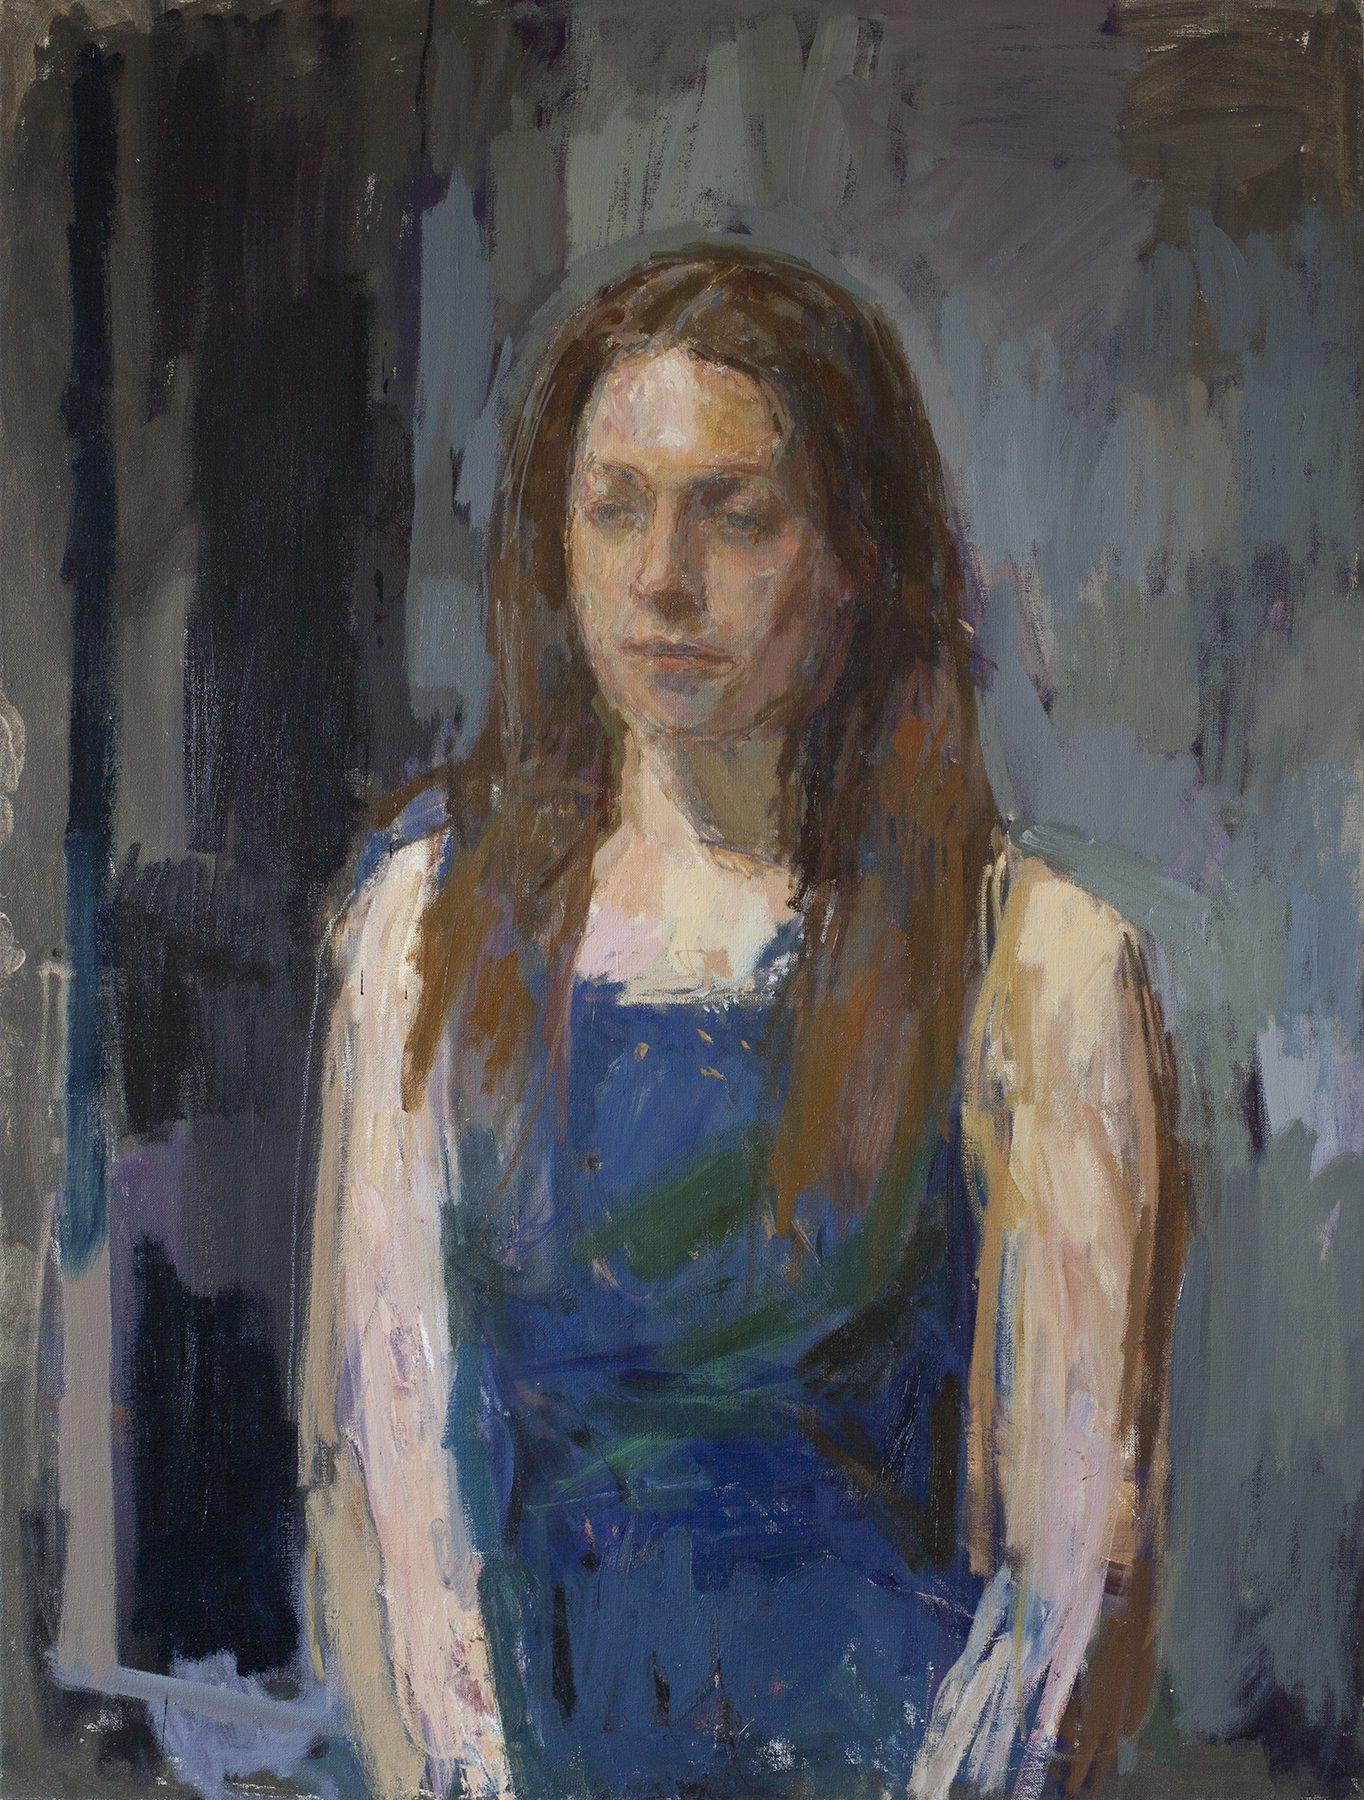 Daniel Shadbolt Nadia Waterfield Fine Art